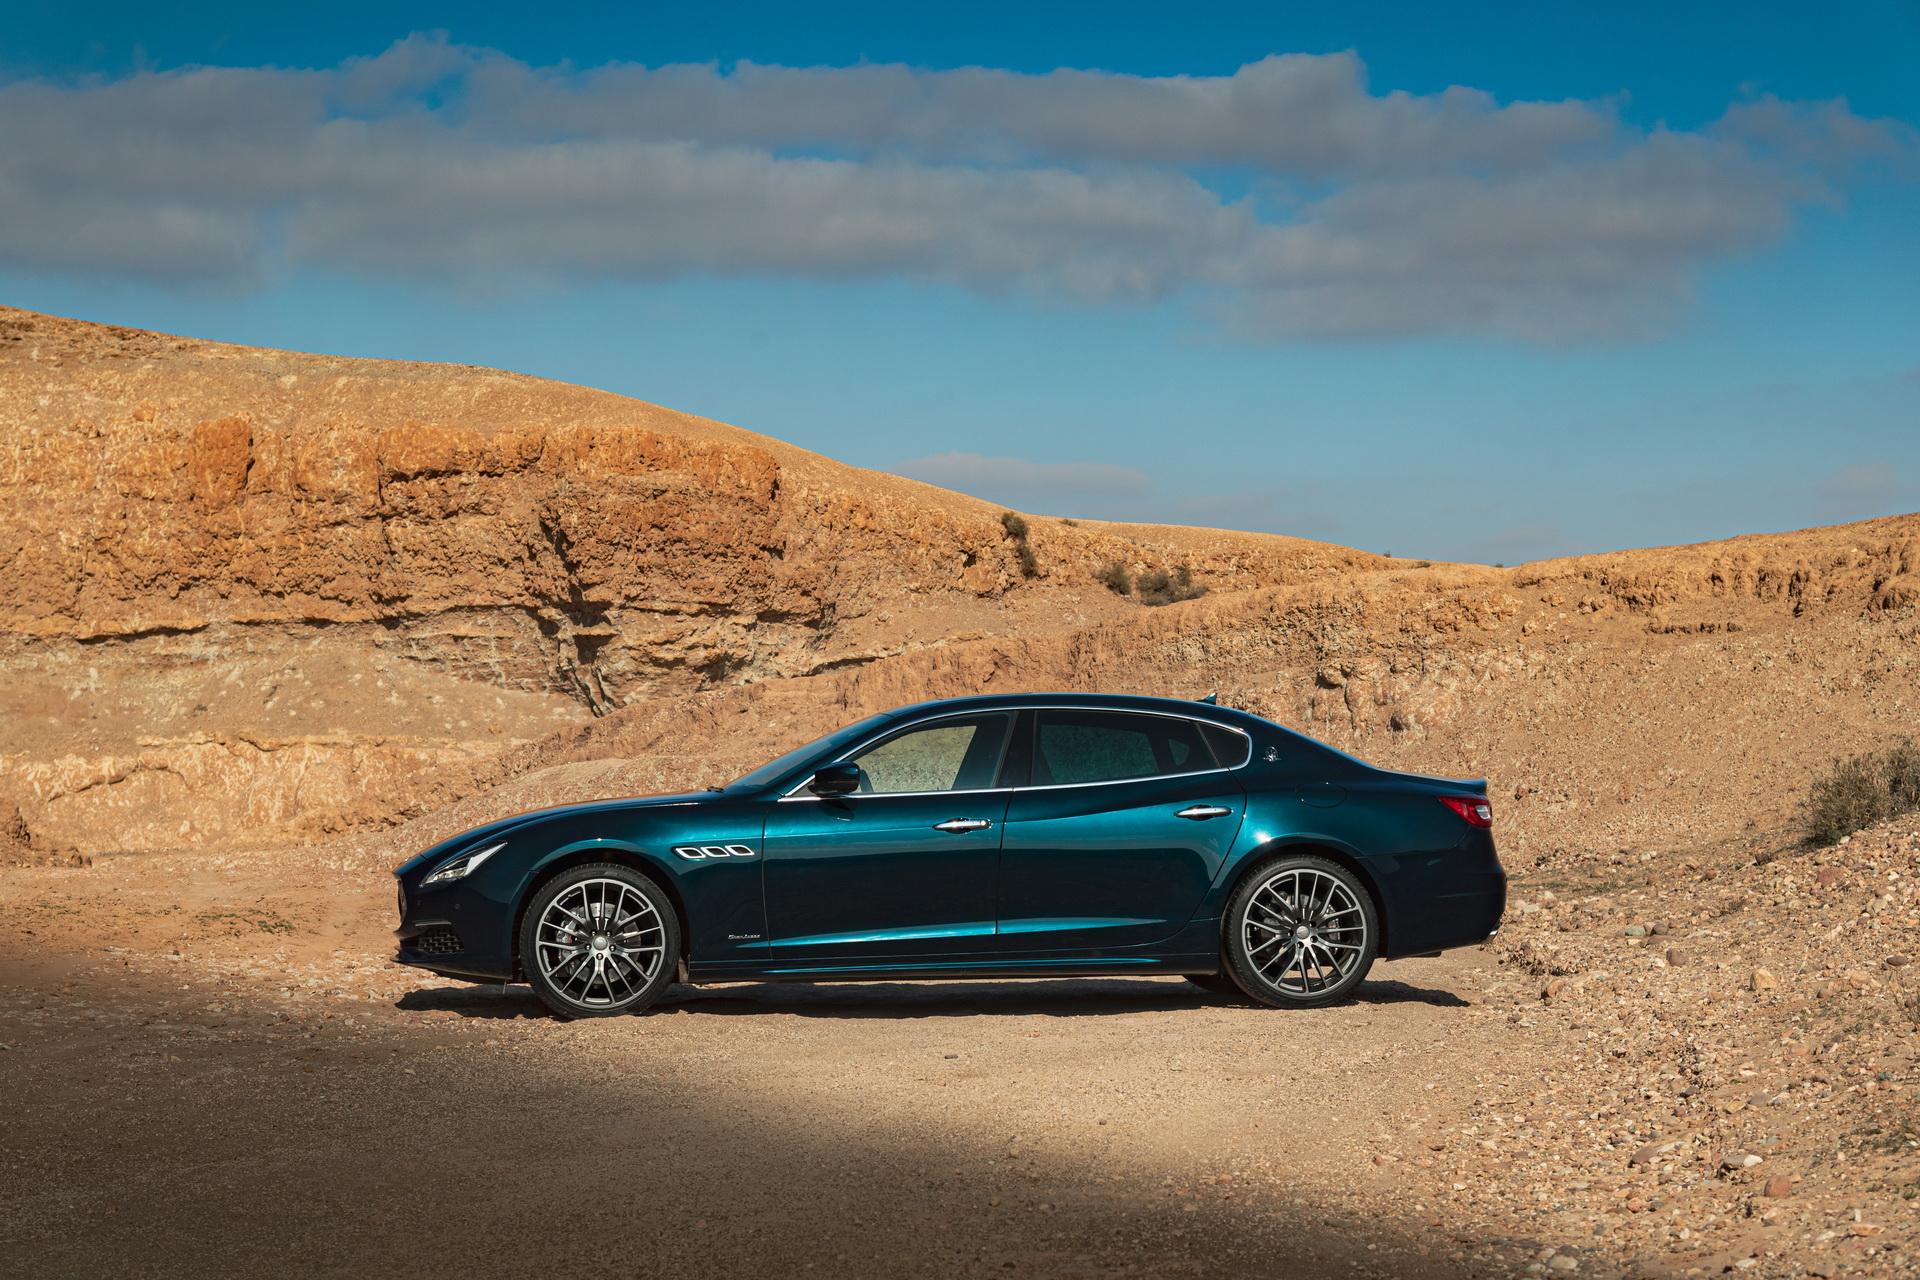 Maserati-Quattroporte-Levante-And-Ghibli-Royale-editions-3